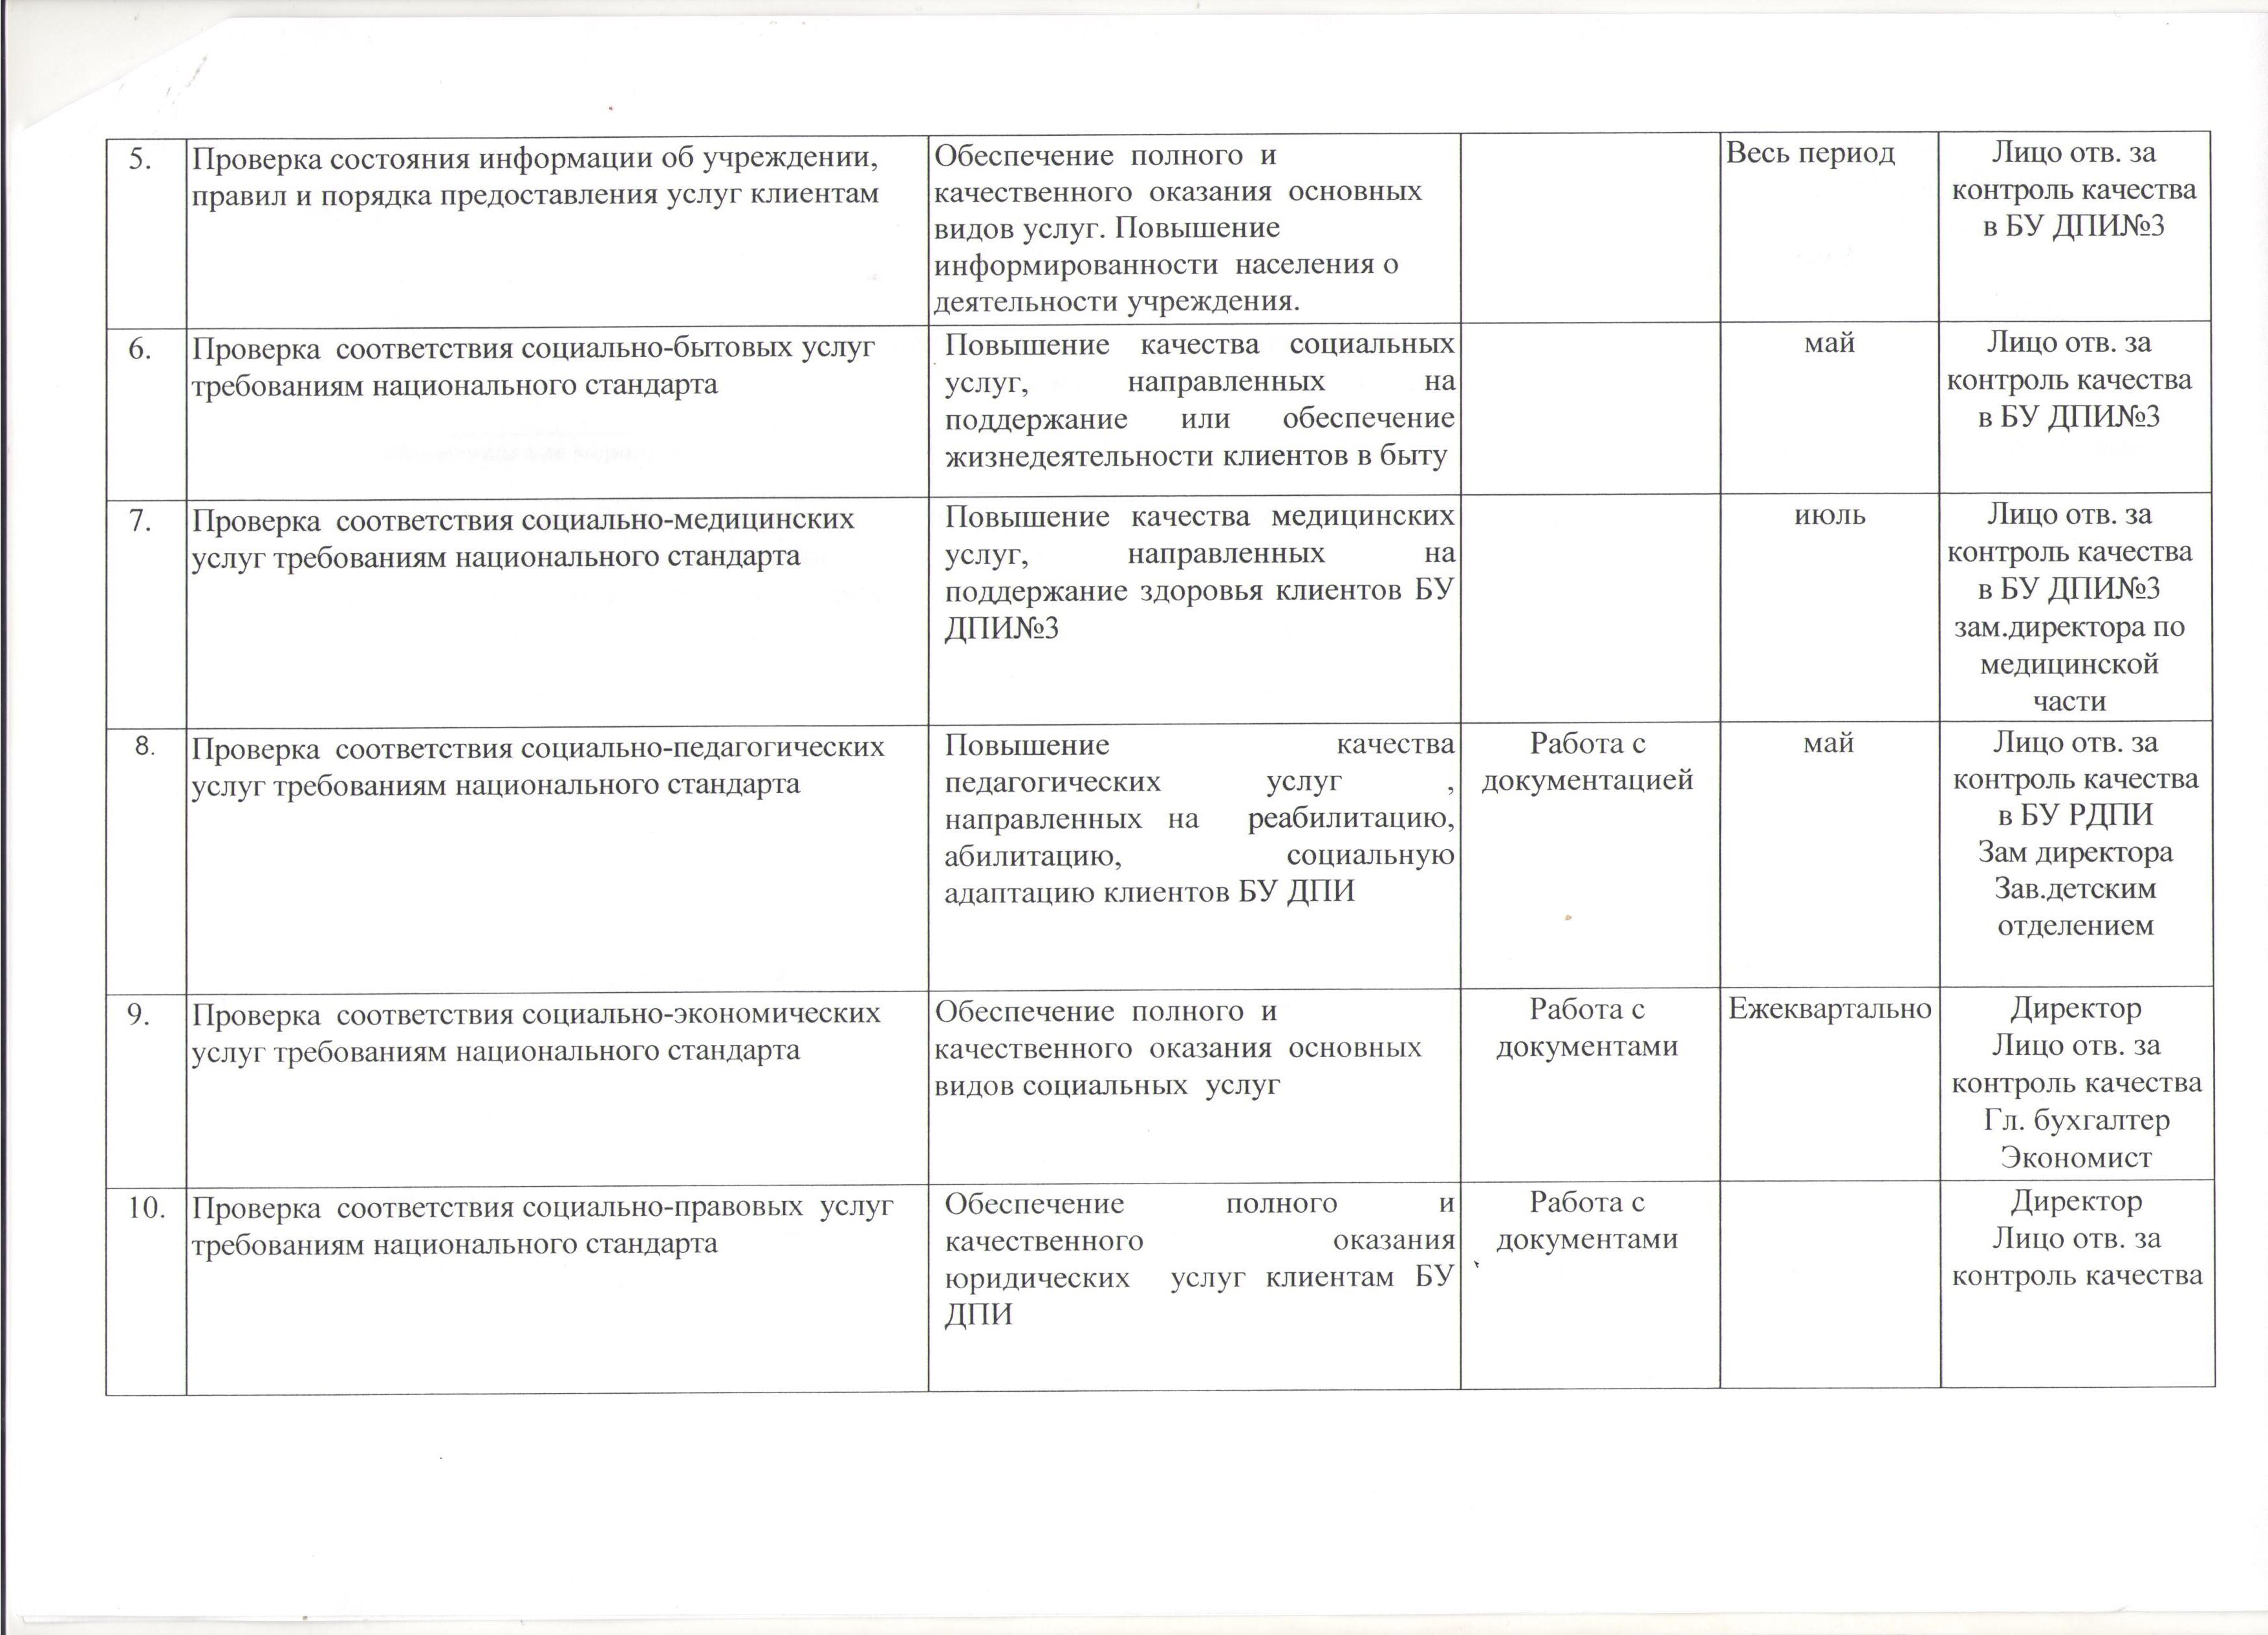 План проведения внутренних проверок контроля качества социальных услуг на 2017г. 2